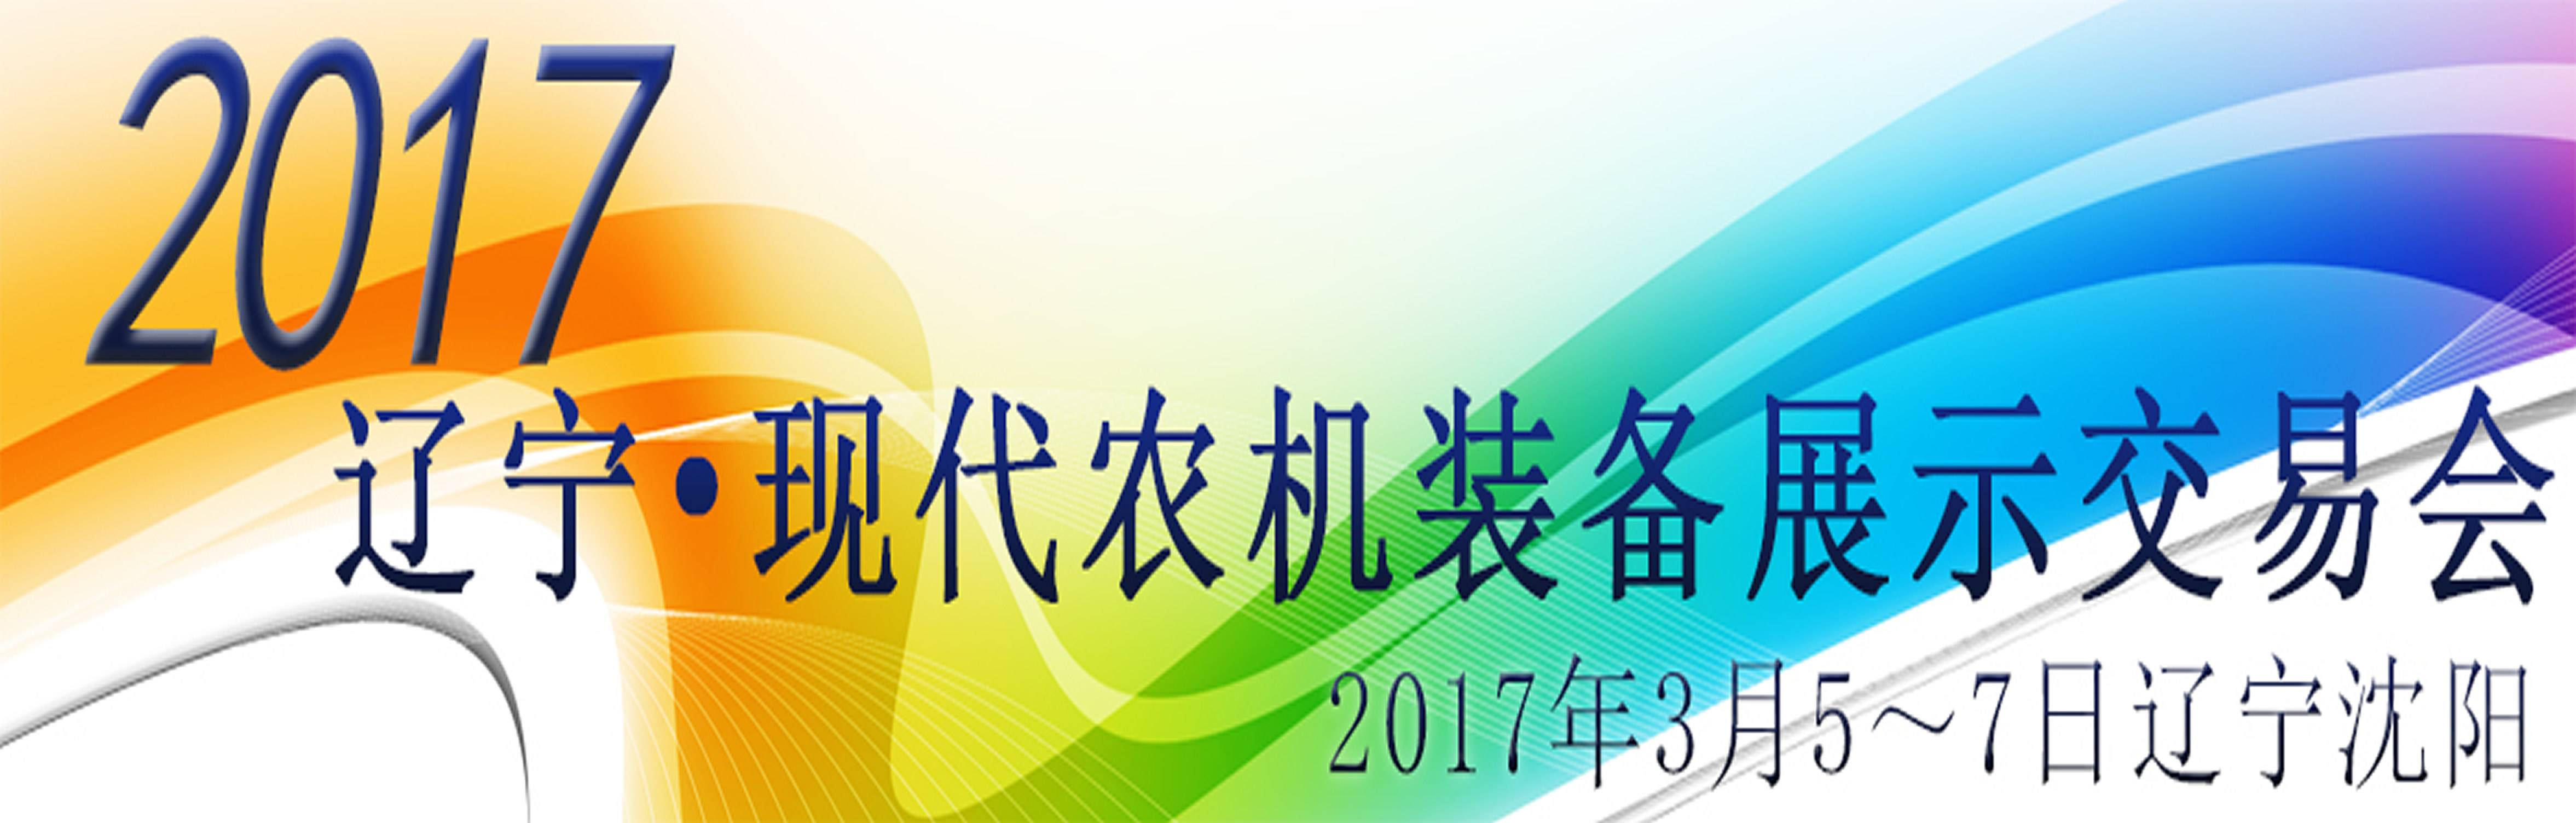 2017辽宁现代农机装备展示交易会